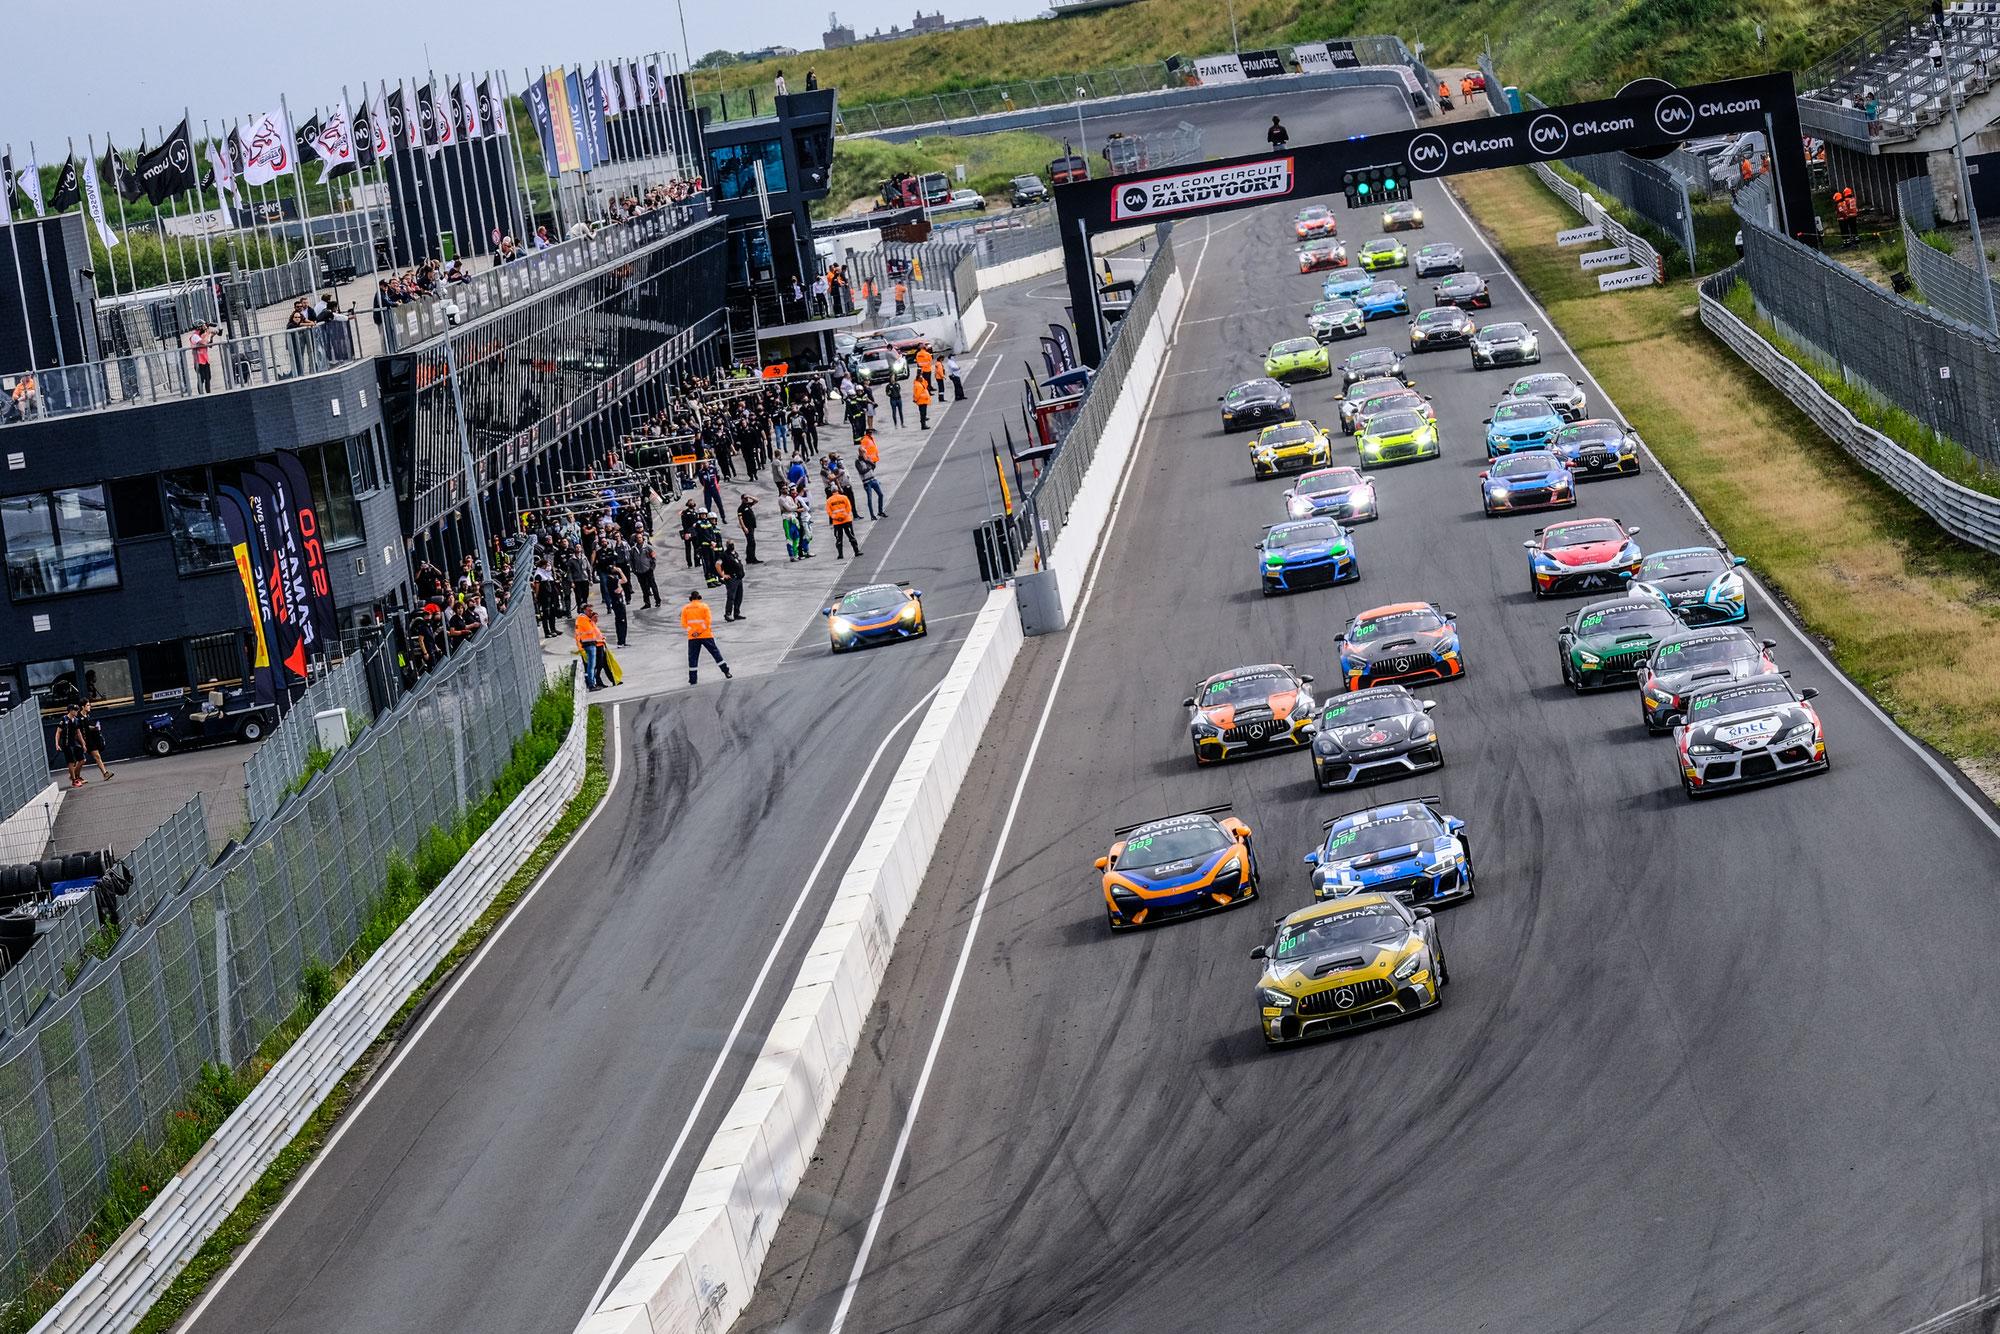 GT4 European Series startet in Spa mit 41 Fahrzeugen in die zweite Saisonhälfte